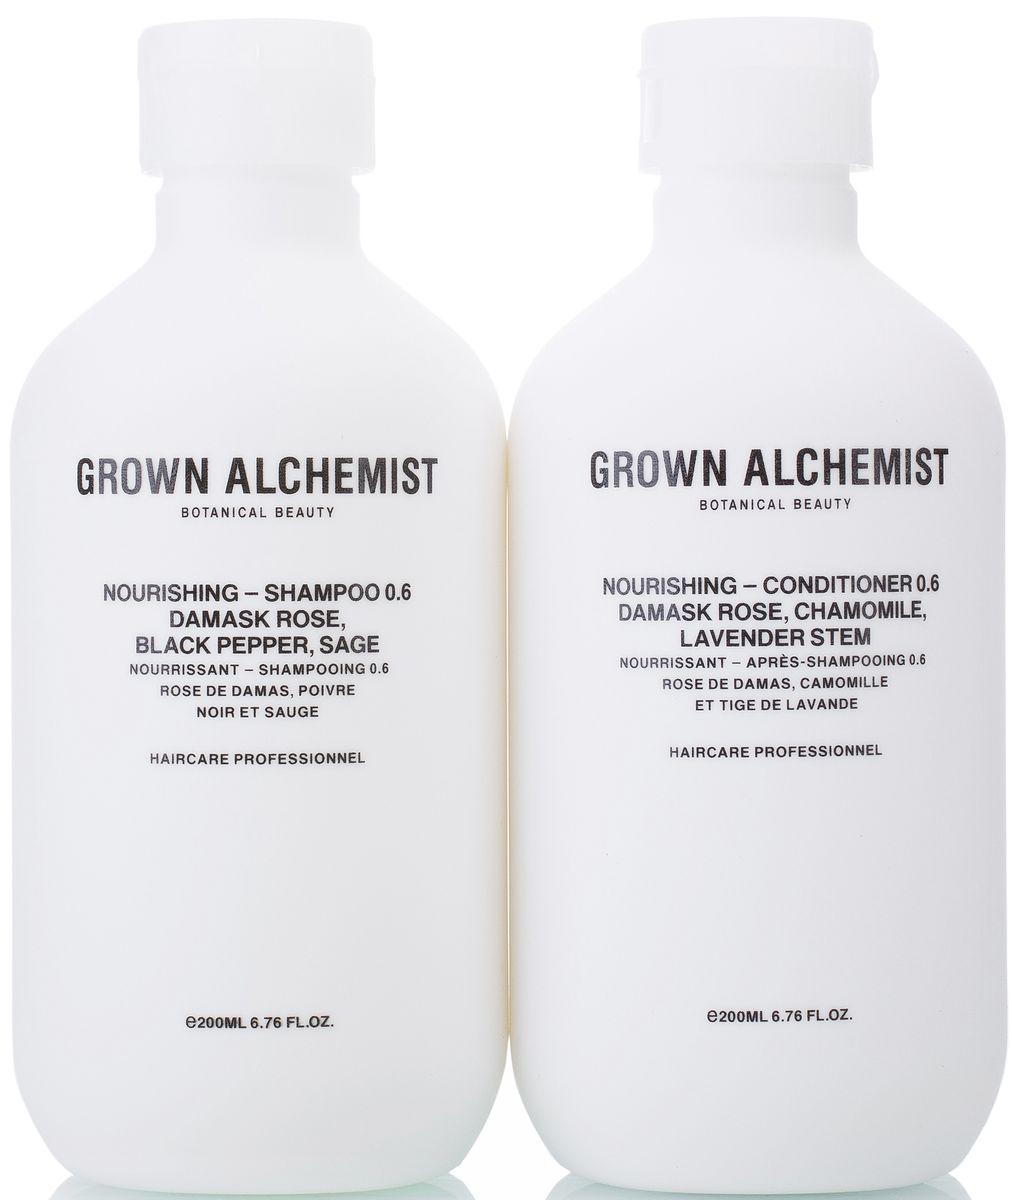 Grown Alchemist Набор для волос Питательный: кондиционер, шампунь, 2 х 200 млперфорационные unisexВ набор входит: Питательный шампунь 200 мл, Питательный кондиционер 200 мл